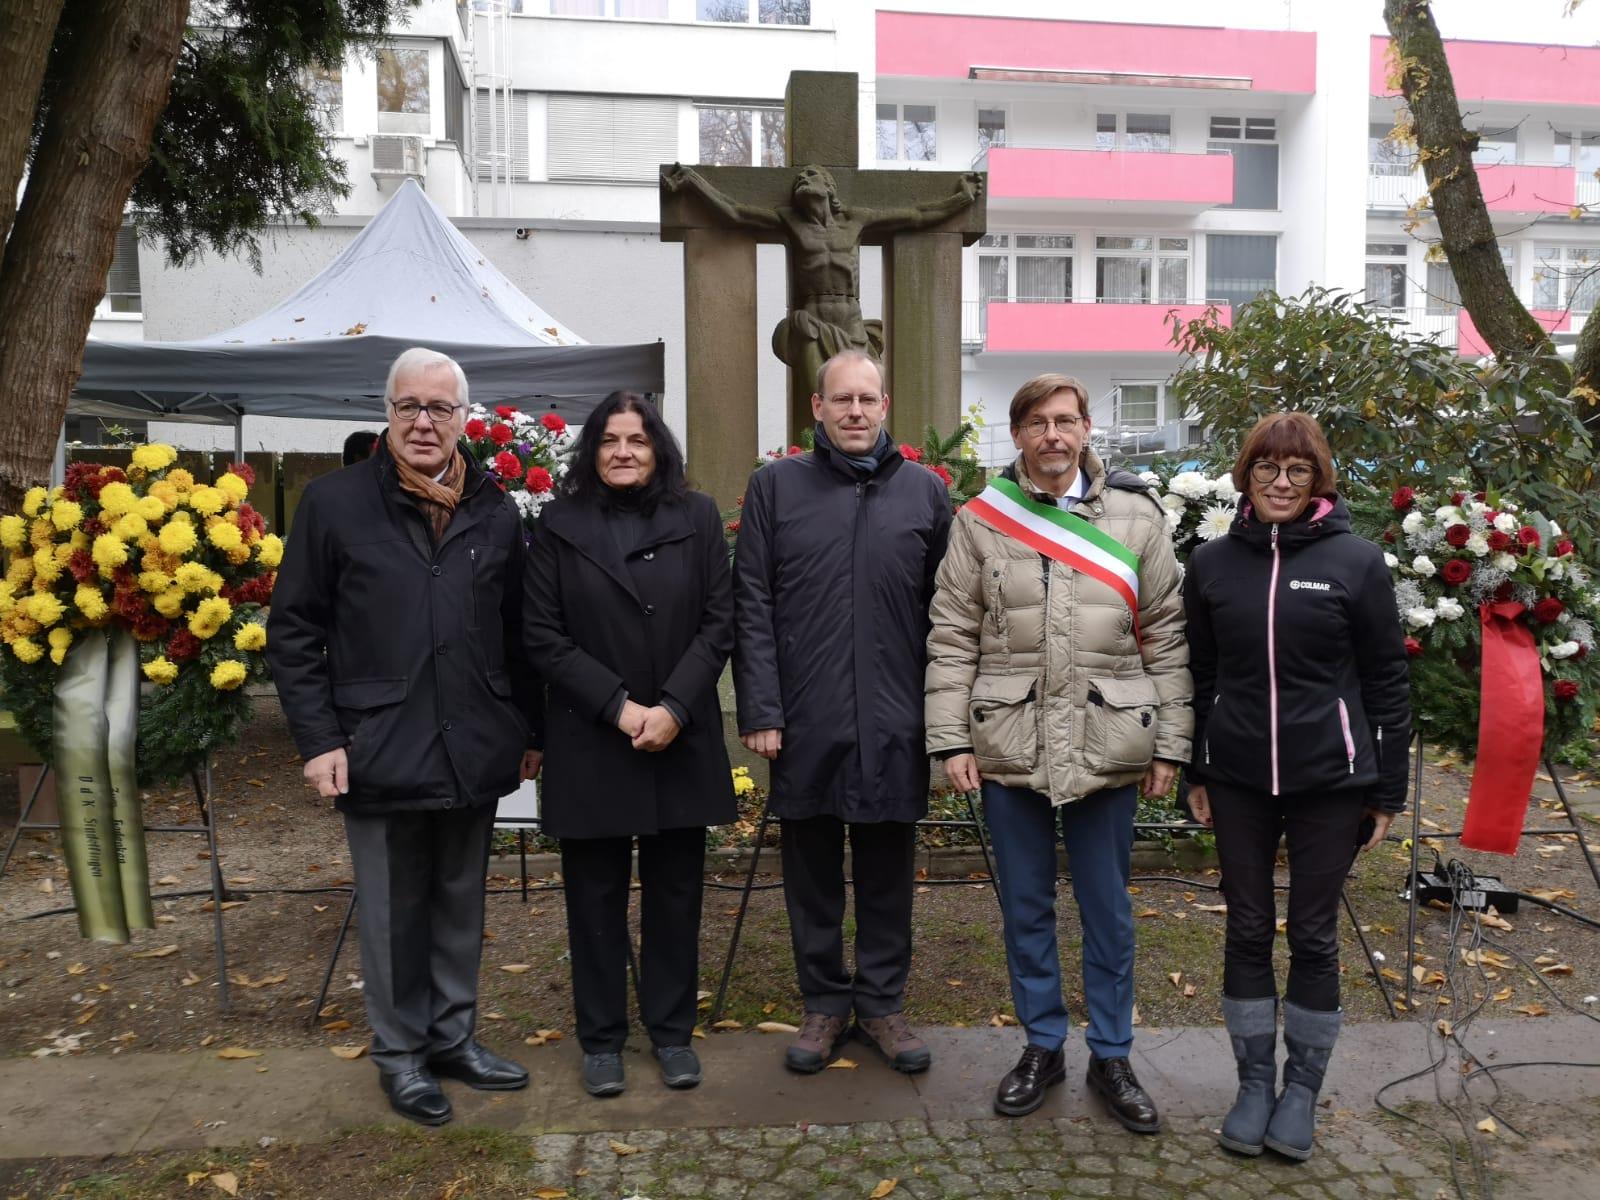 notizie da Sondrio e provincia » Delegazione del Comune di Sondrio a Sindelfingen - Valtellina News